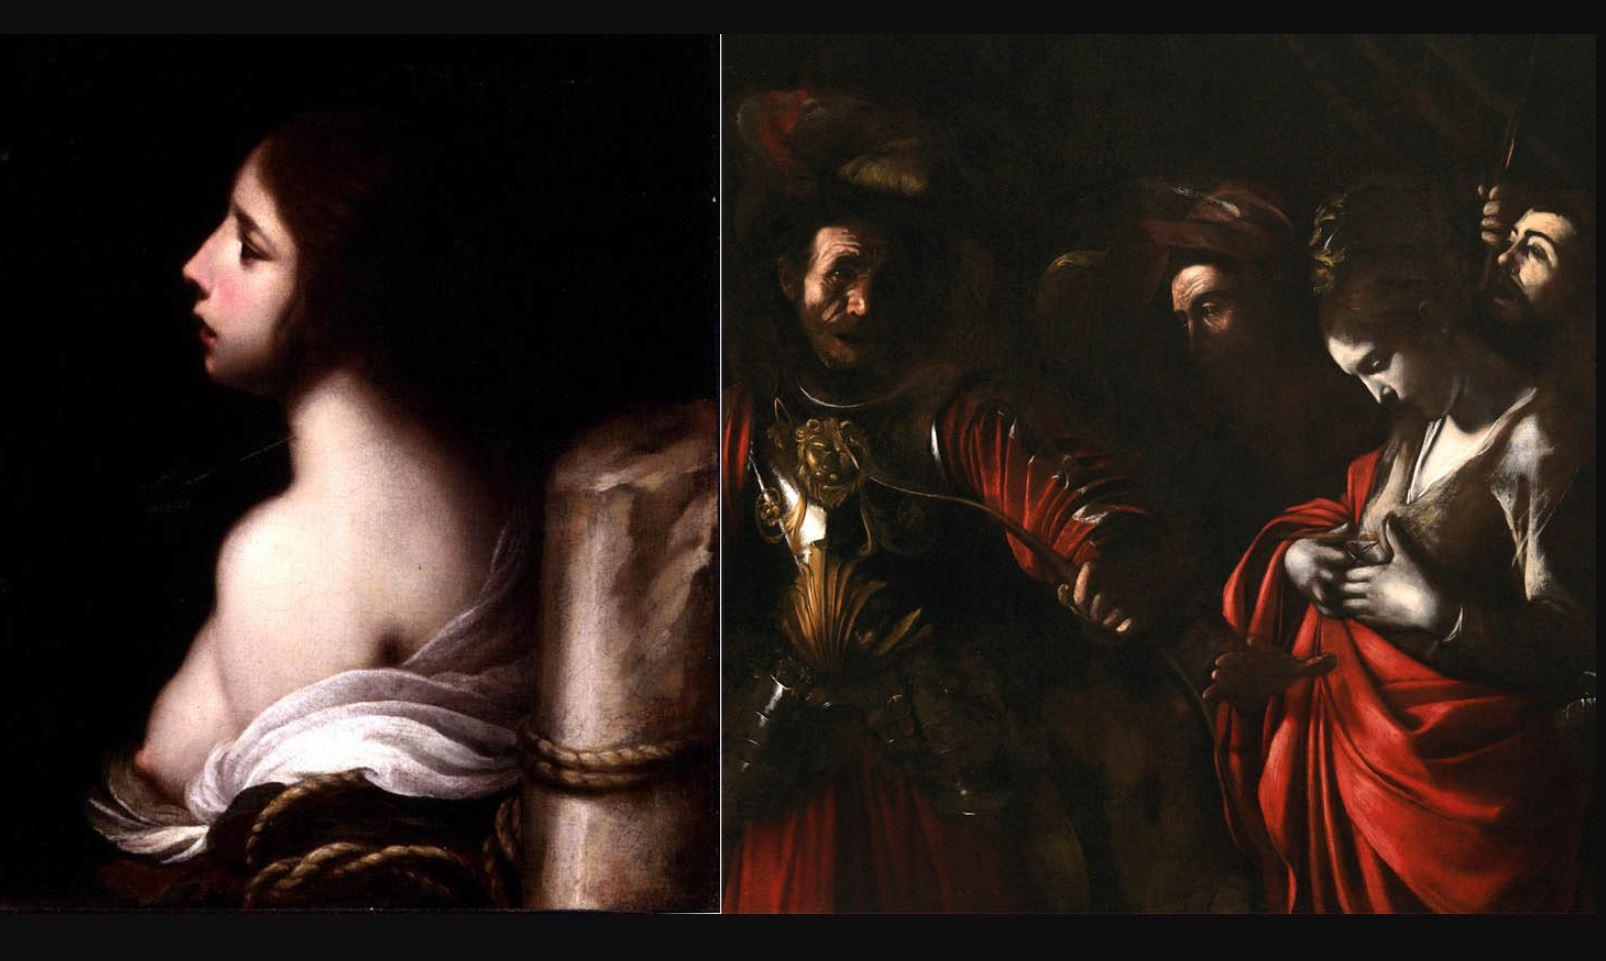 Святая Кристина Больсена , Франческо Фурини , 1635-1645, Музей искусств Джона и Мейбл Ринглинг, Сарасота; Мученичество святой Урсулы Караваджо , 1610…